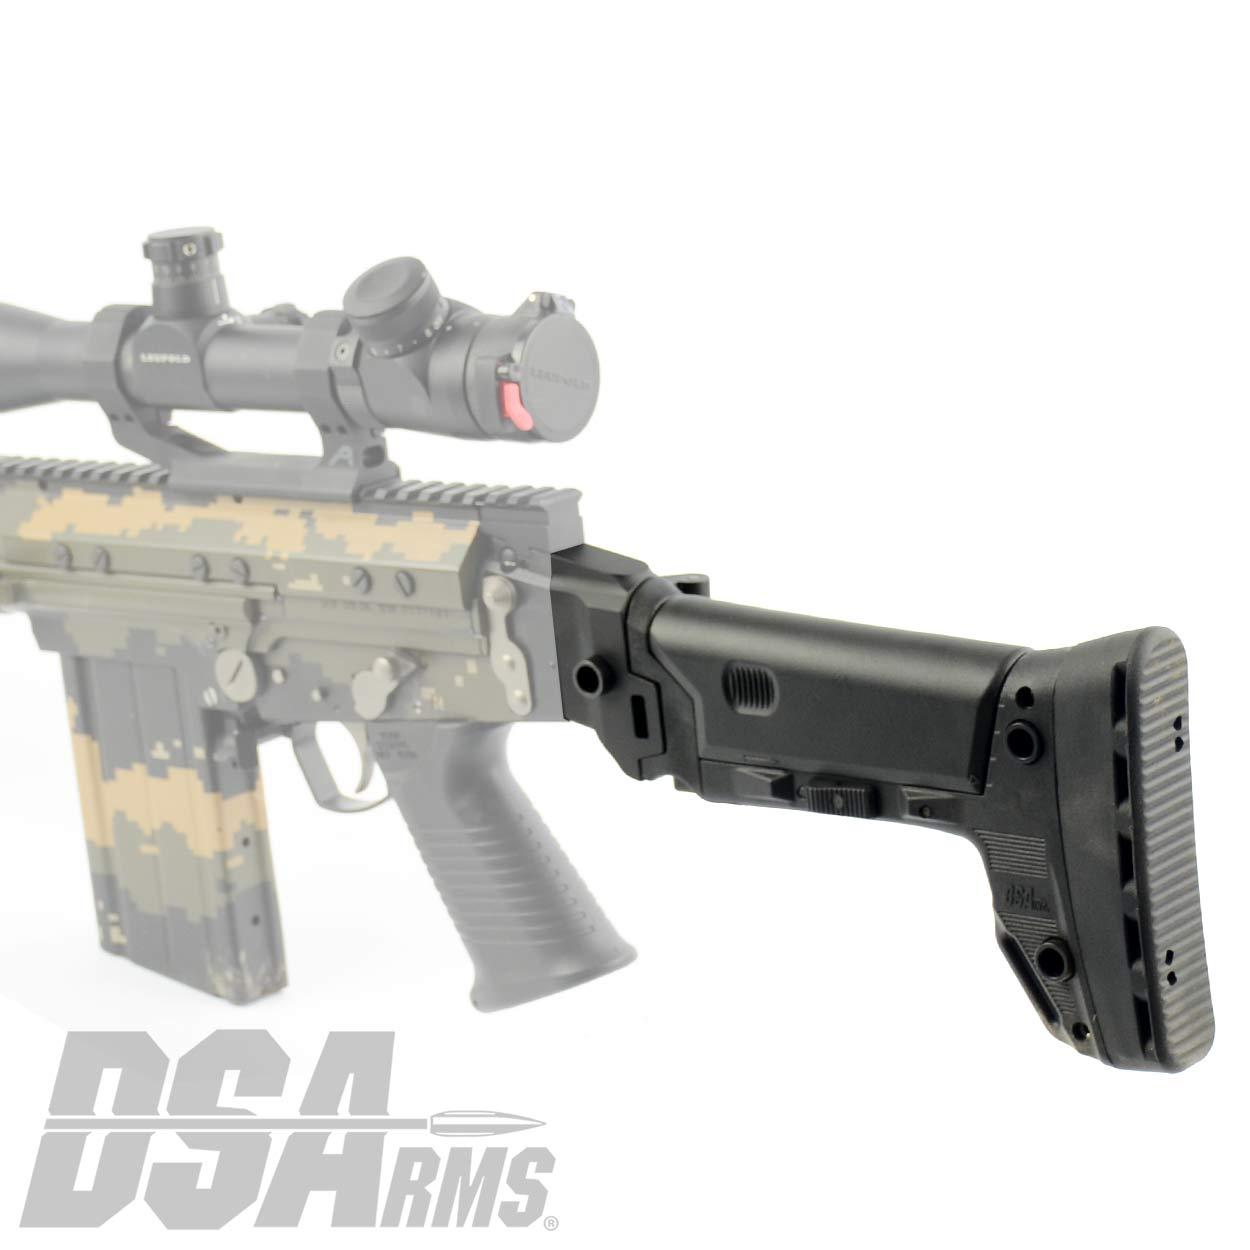 DS Arms SA58 FAL Fully Adjustable PARA B R S  - Battle Rifle Stock DS Arms  SA58 FAL Fully Adjustable PARA B R S  - Battle Rifle Stock